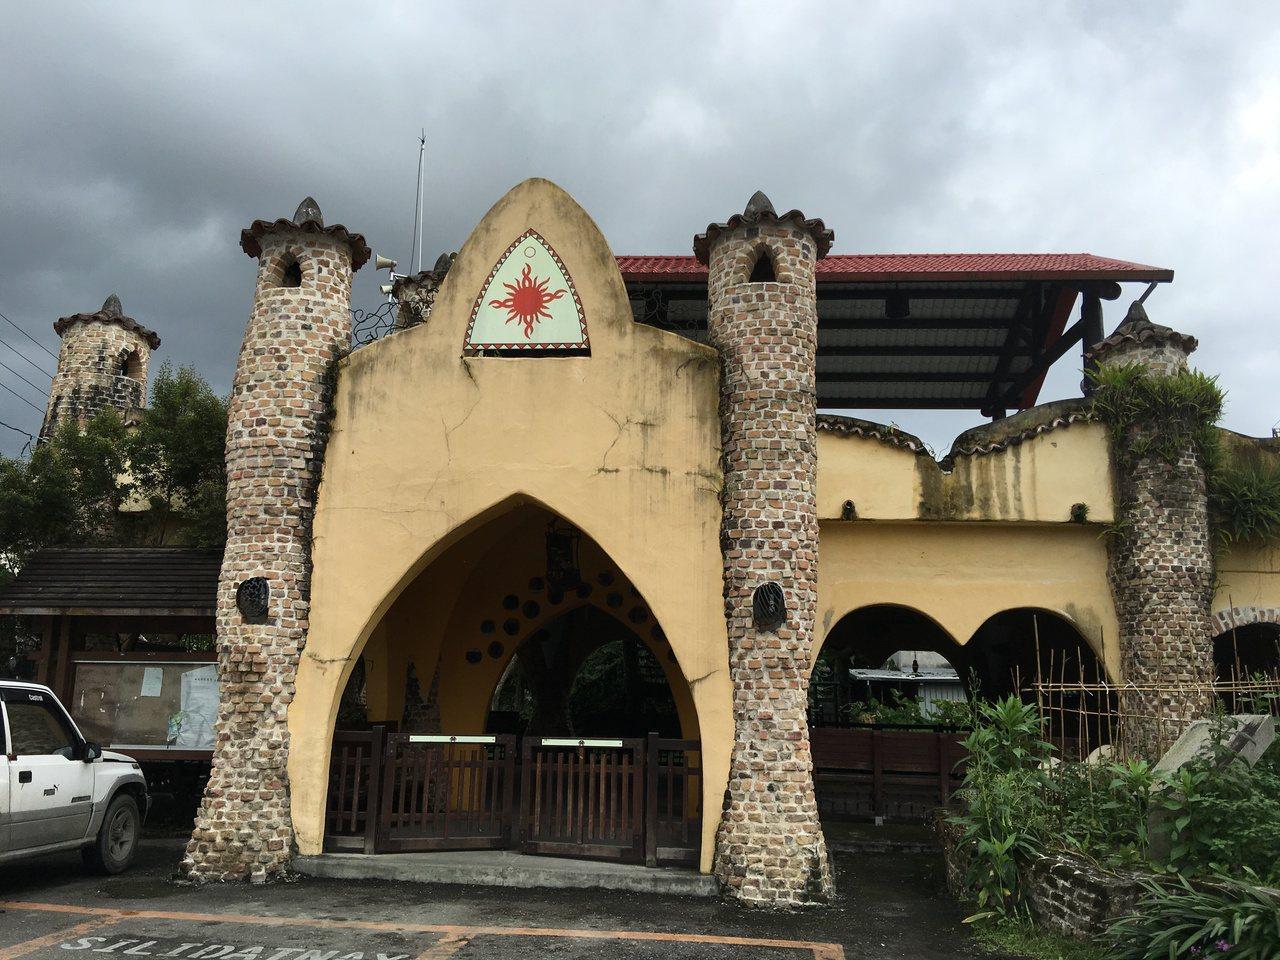 花蓮太巴塱部落一棟西班牙城堡式建築,常吸引遊客造訪。記者陳麗婷/攝影